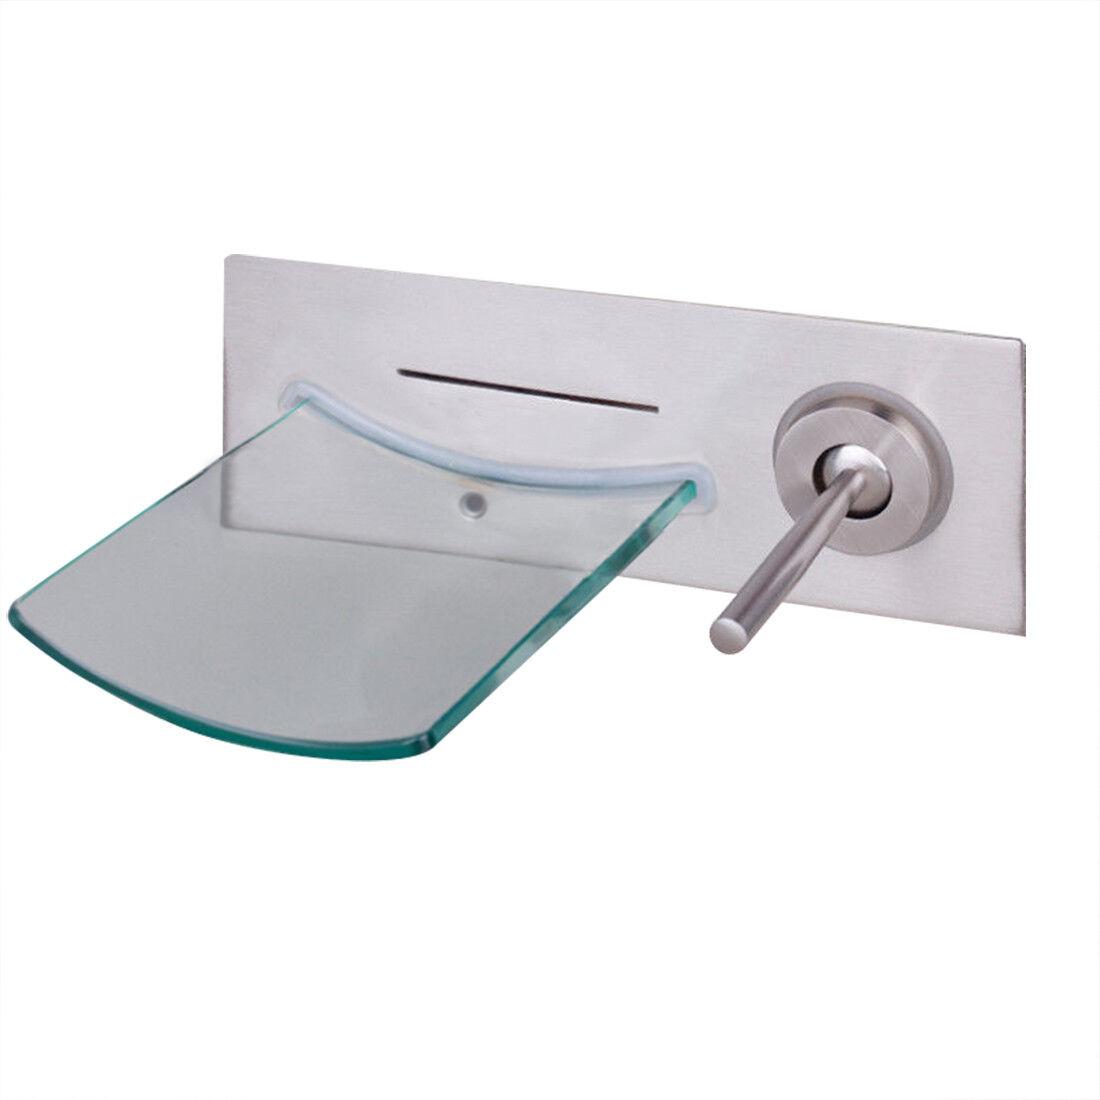 FS nichel spazzolato bacino lavandino rubinetto cascata vasca da bagno doccia Mixer Tap